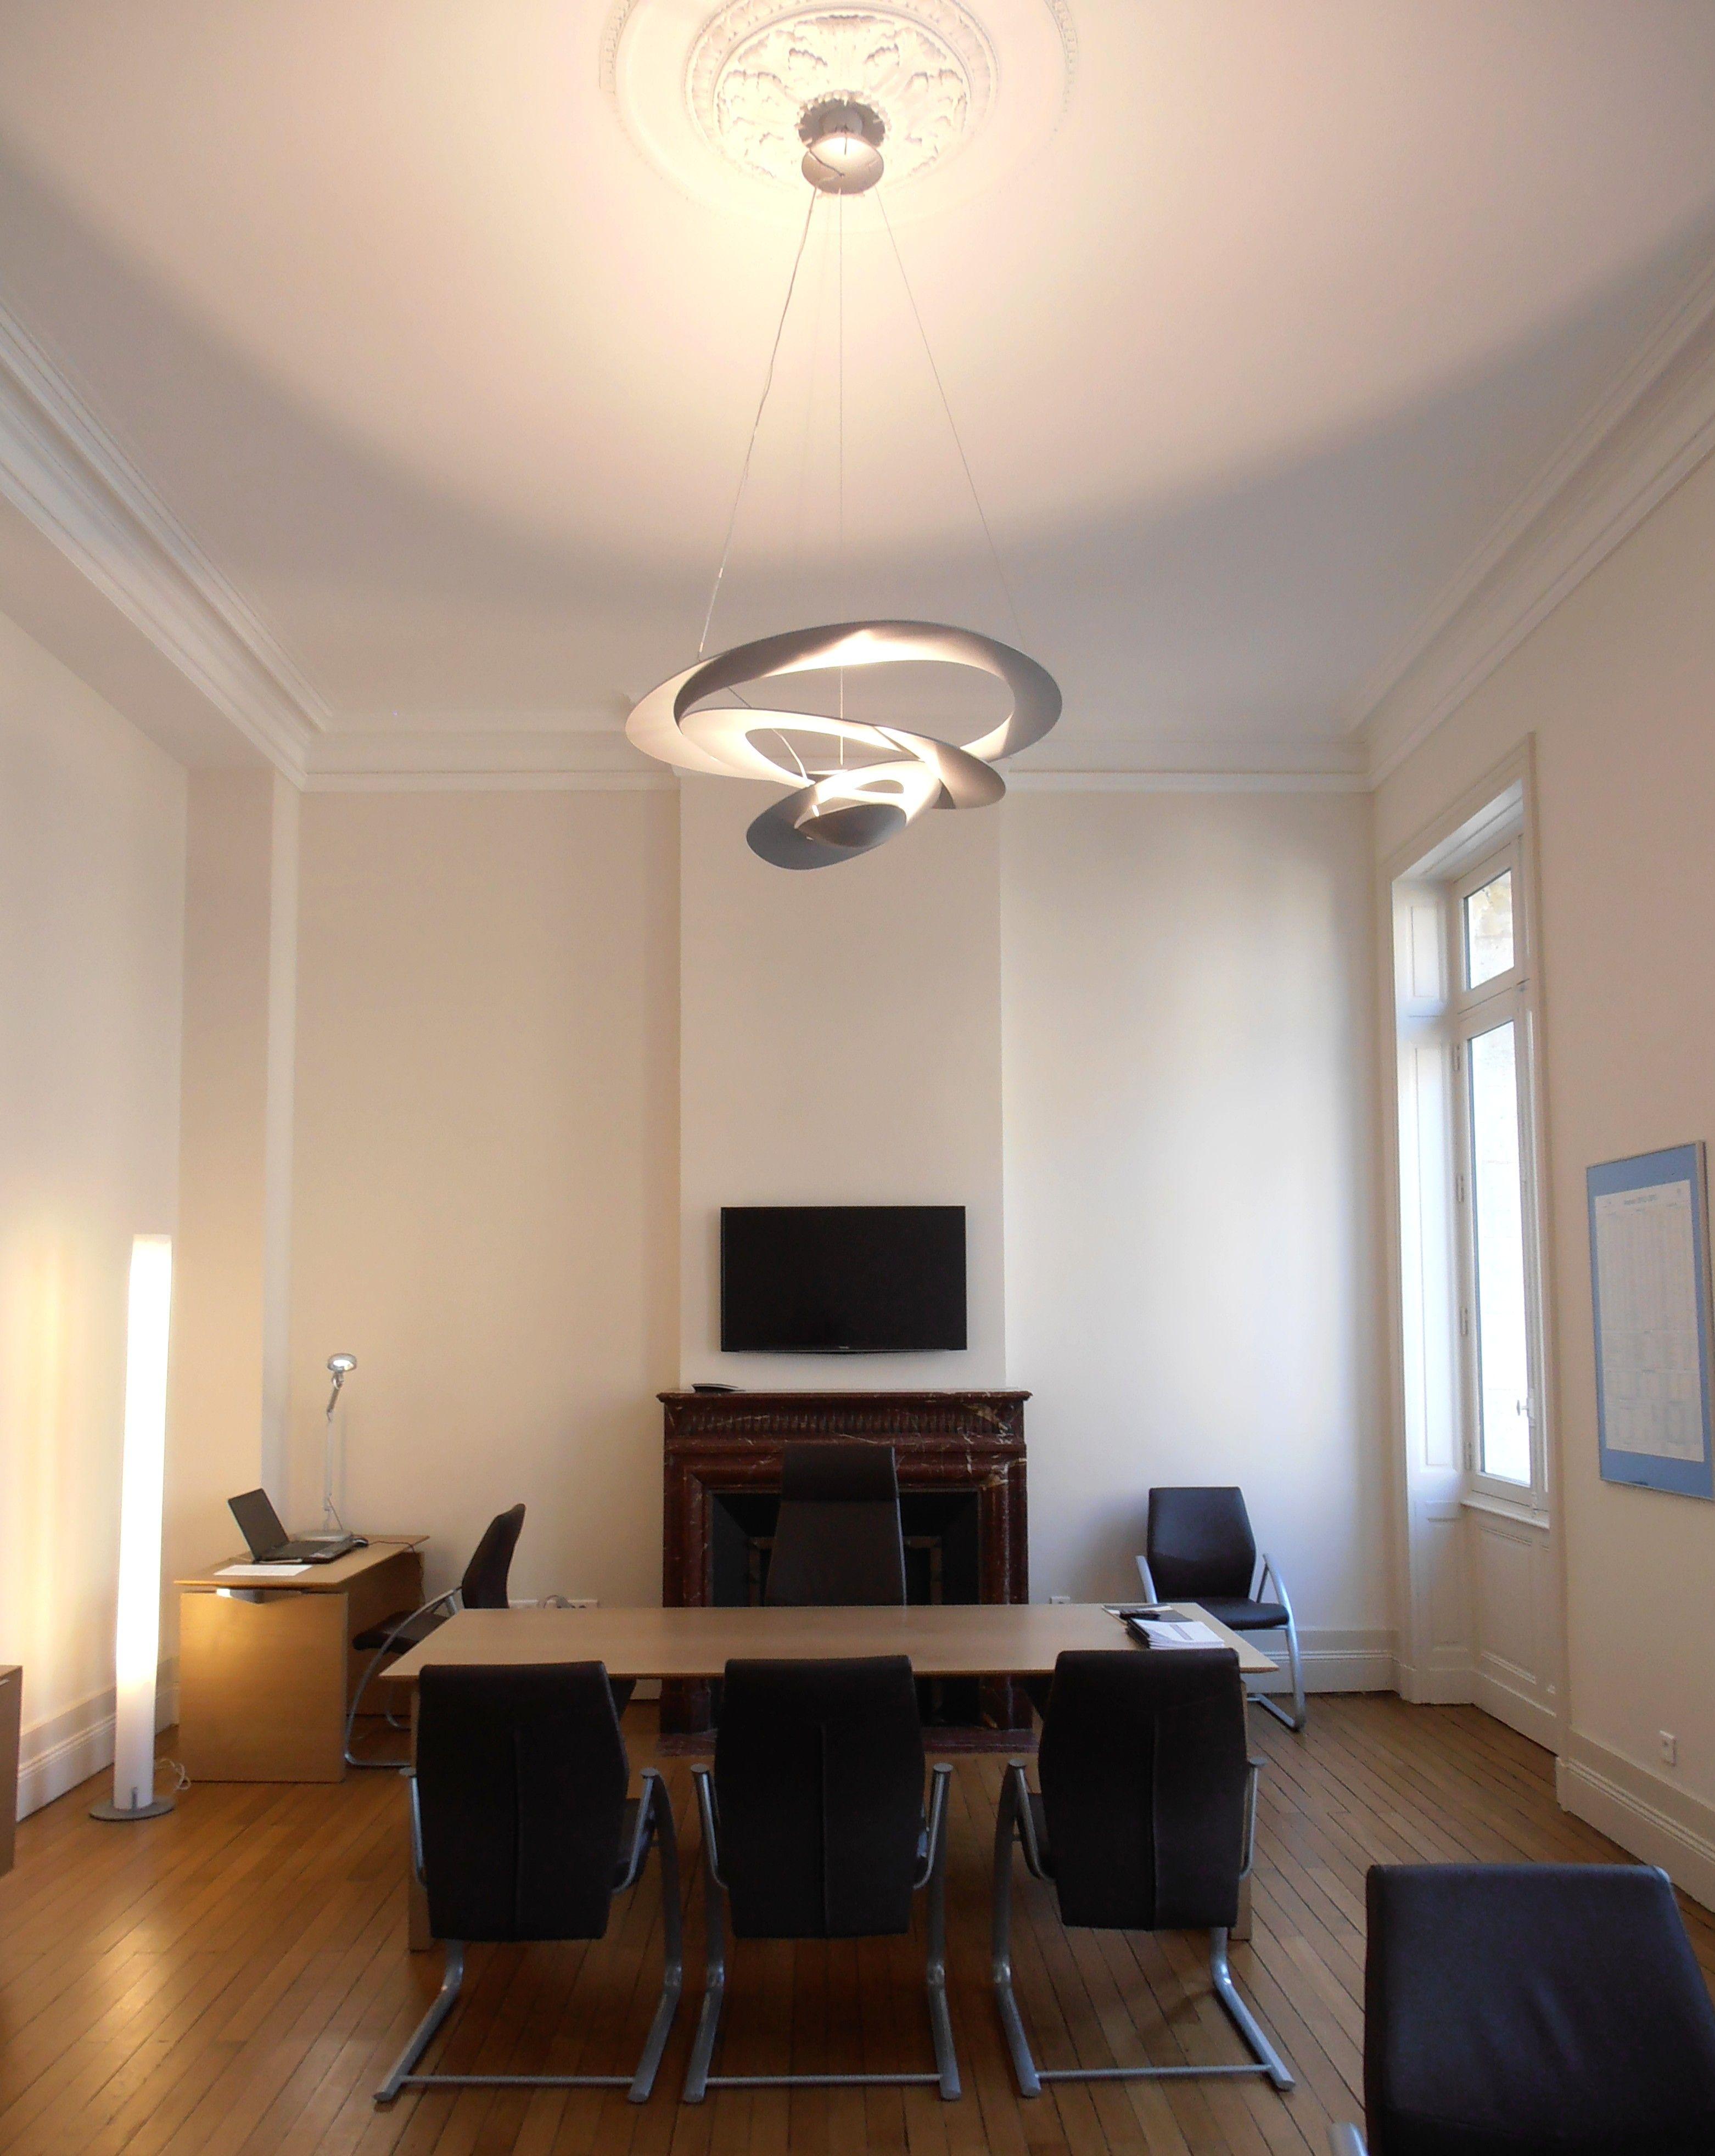 pingl par luminaire saintr mi sur nos r alisations. Black Bedroom Furniture Sets. Home Design Ideas